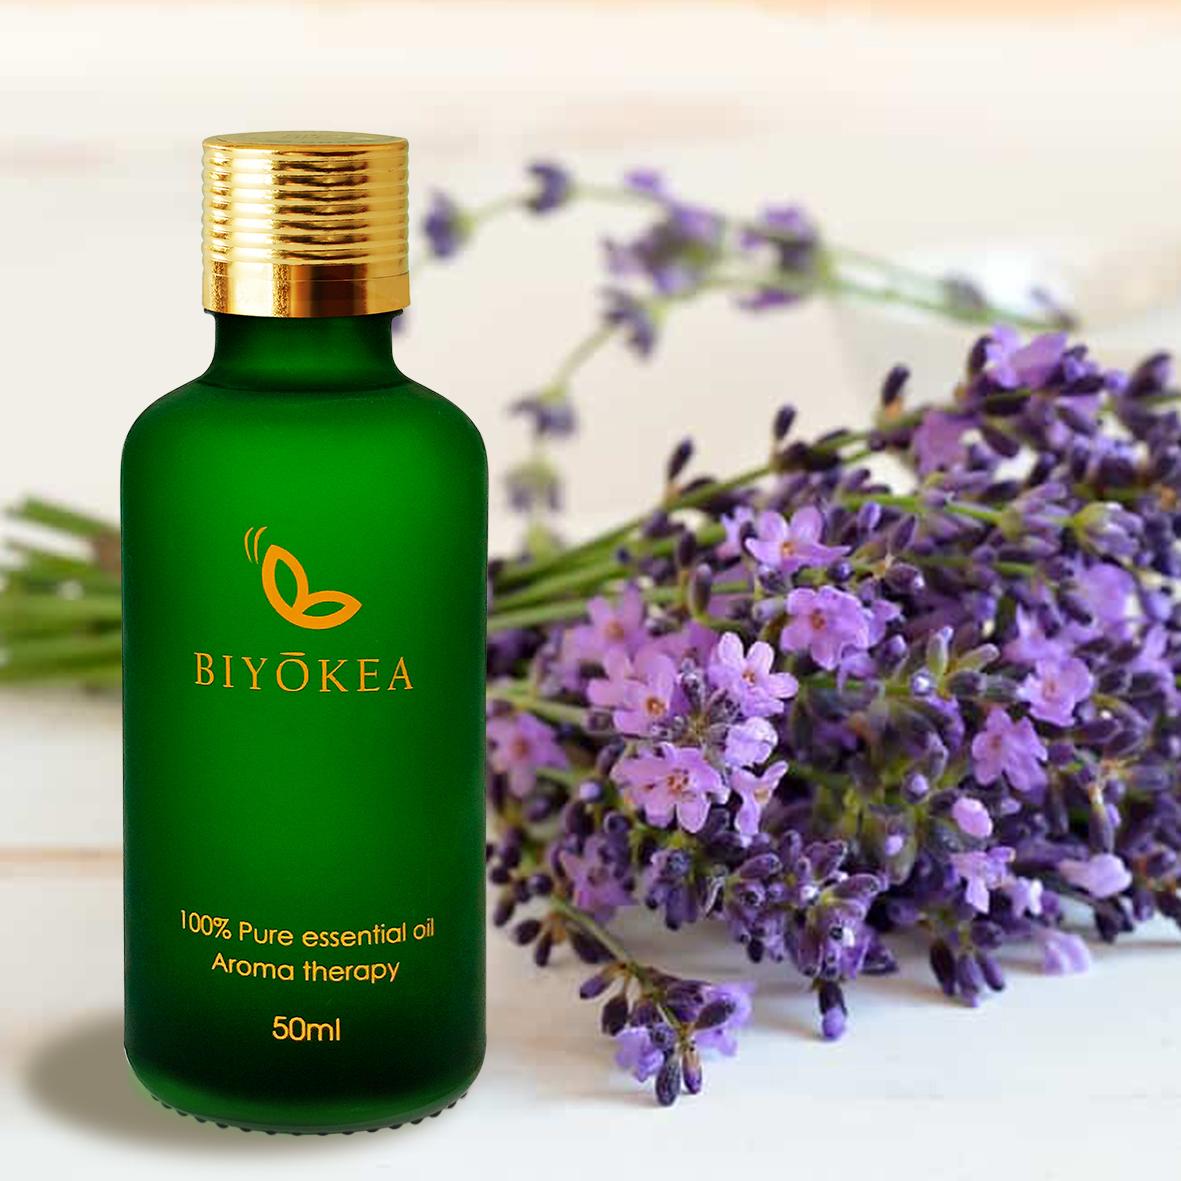 Tinh dầu Oải Hương (Lavender) xông hương thư giãn giảm stress, dễ ngủ 50ml Biyokea